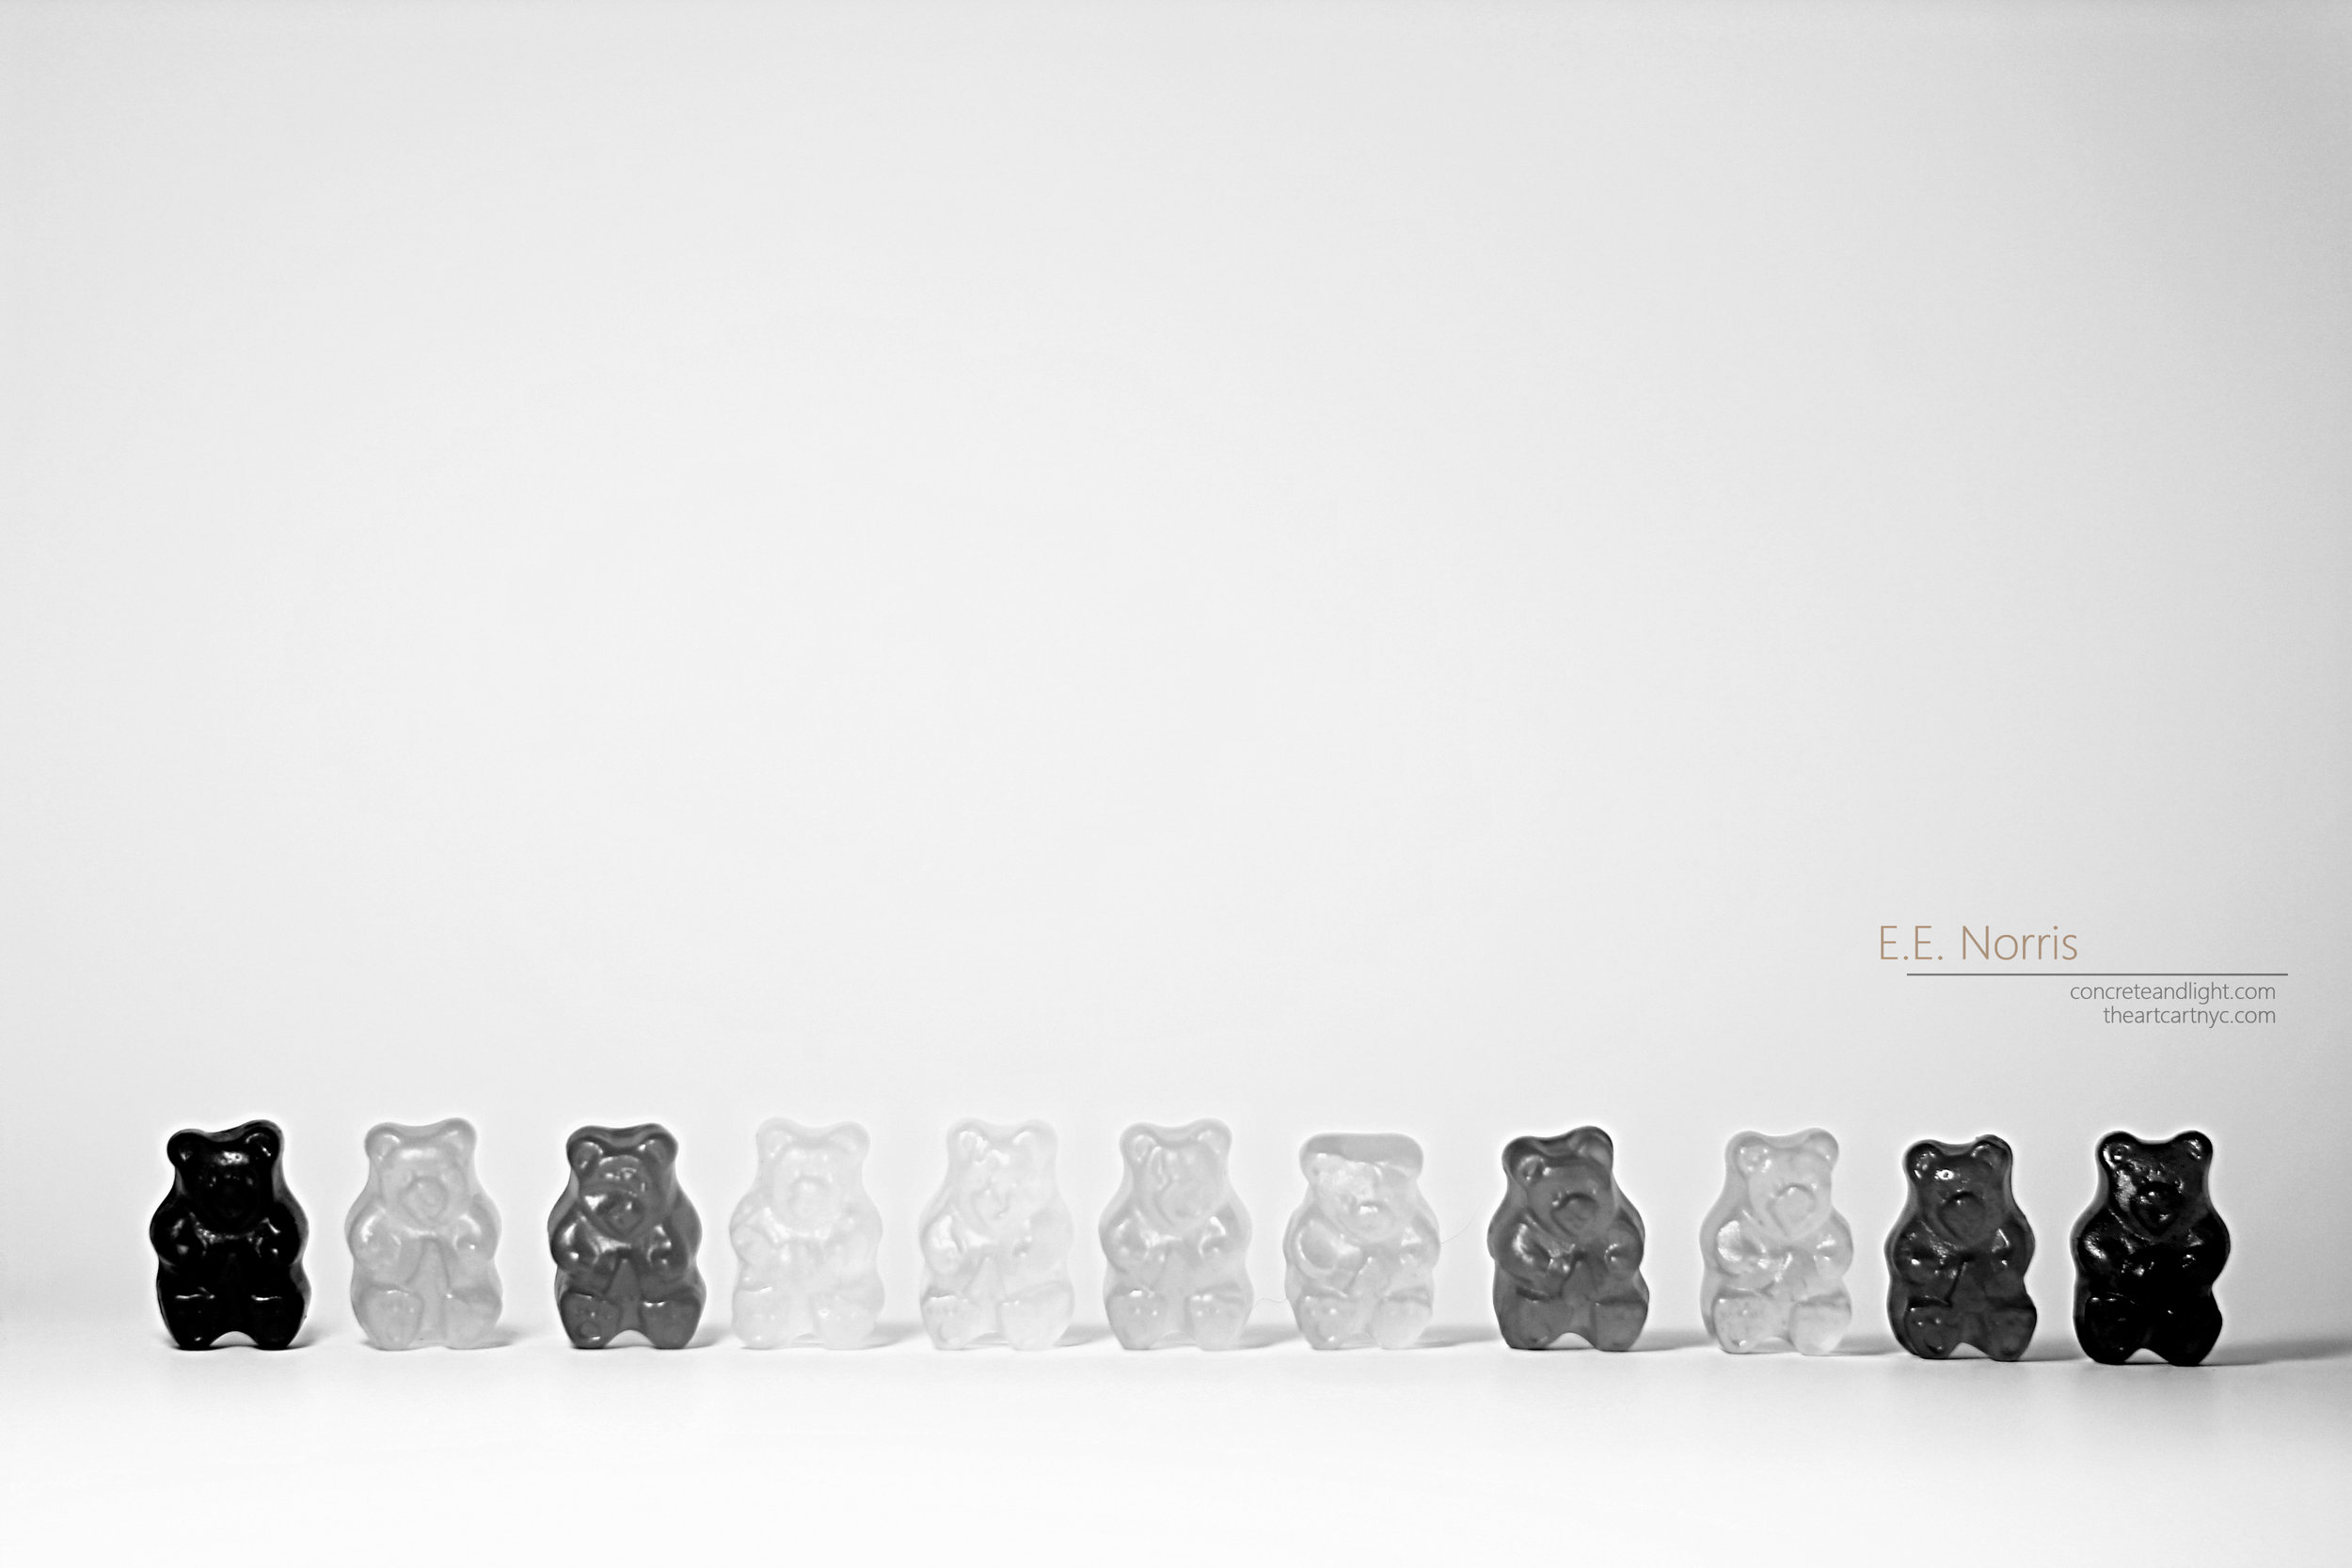 The Sociology of Gummi Bears #1: Race